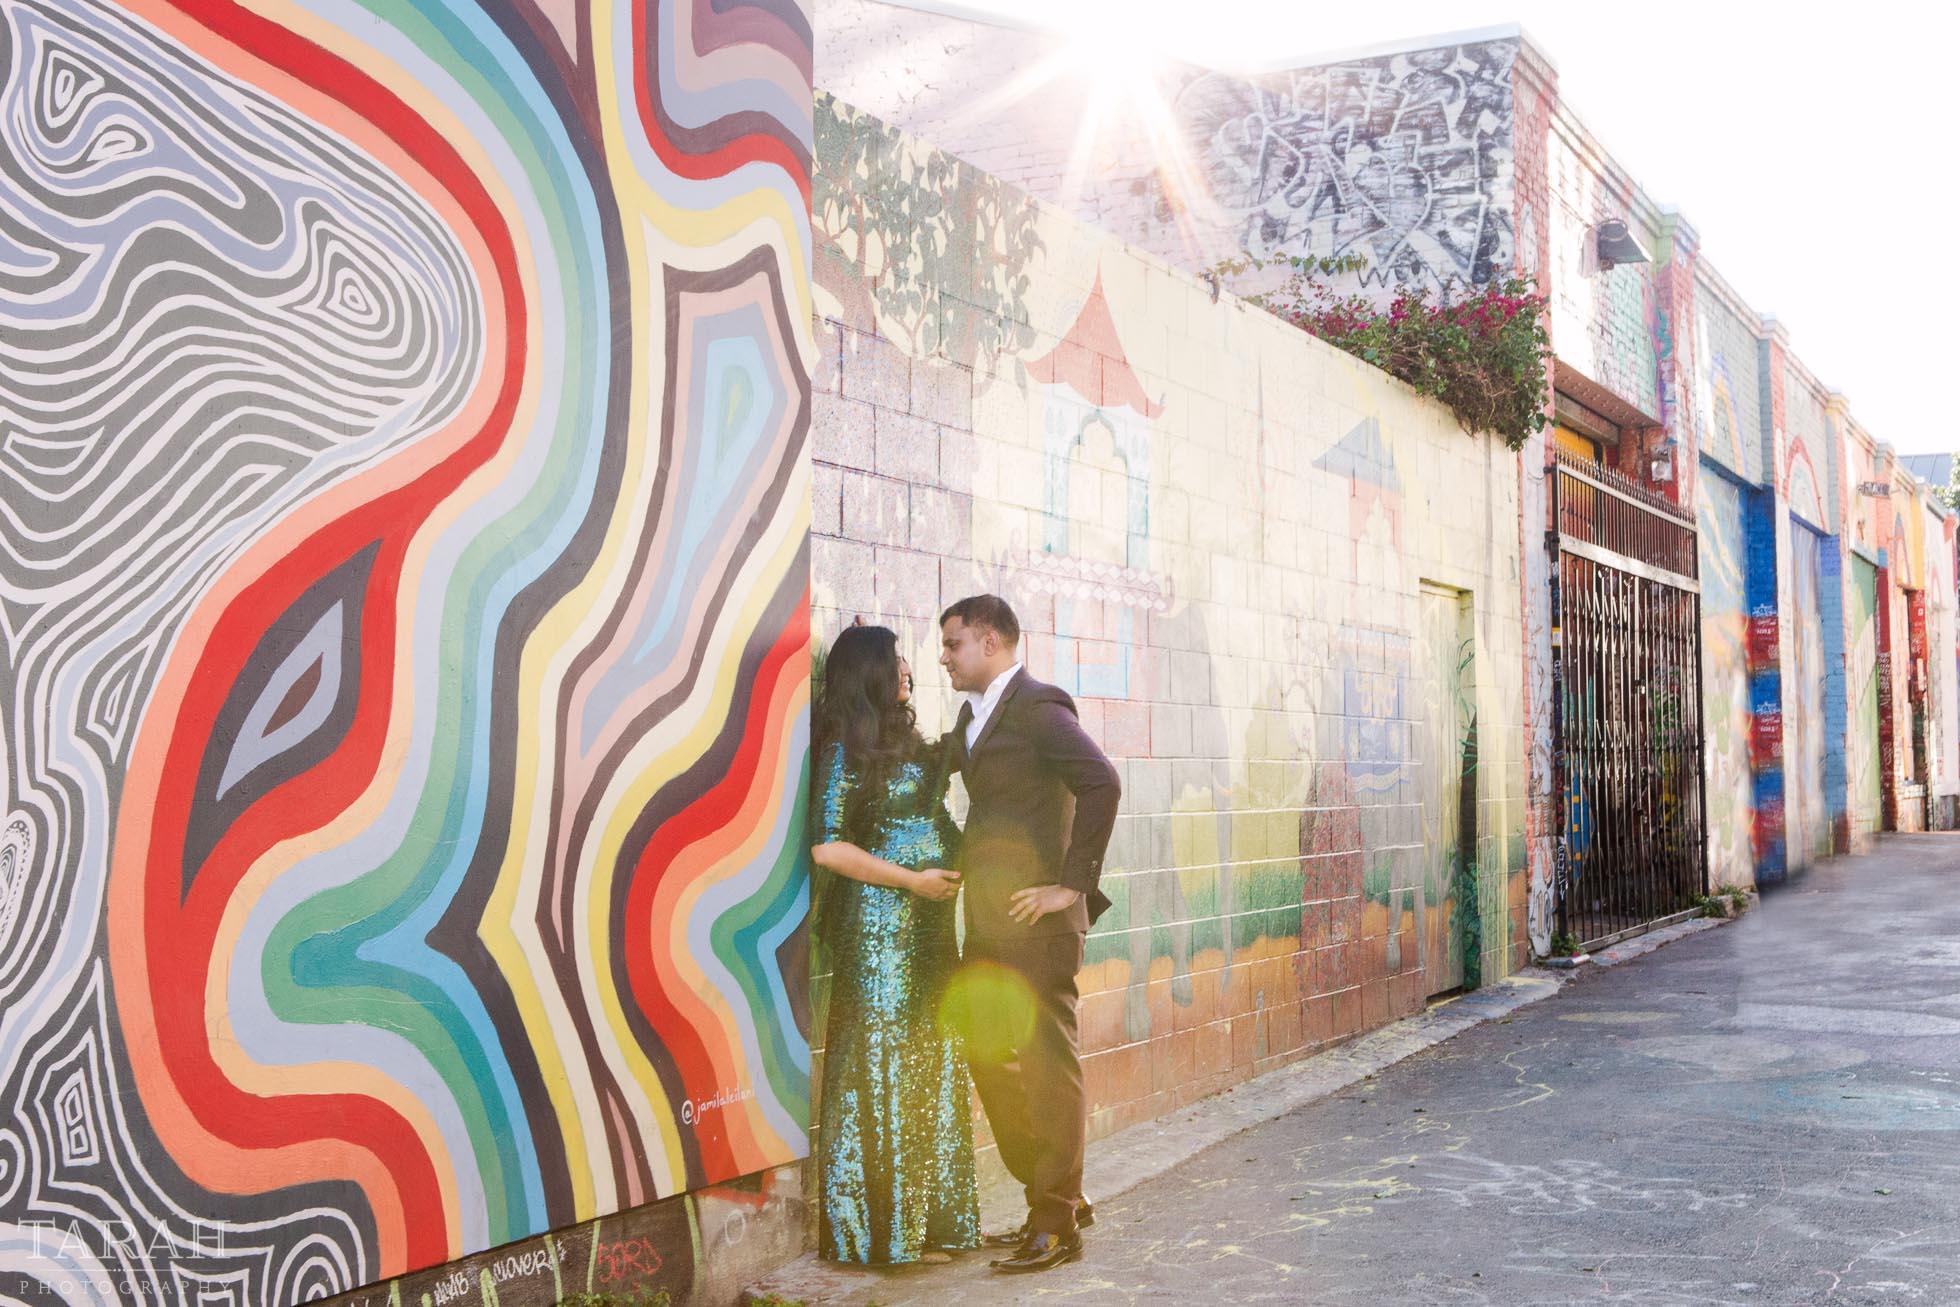 Maternity san francisco graffiti mural